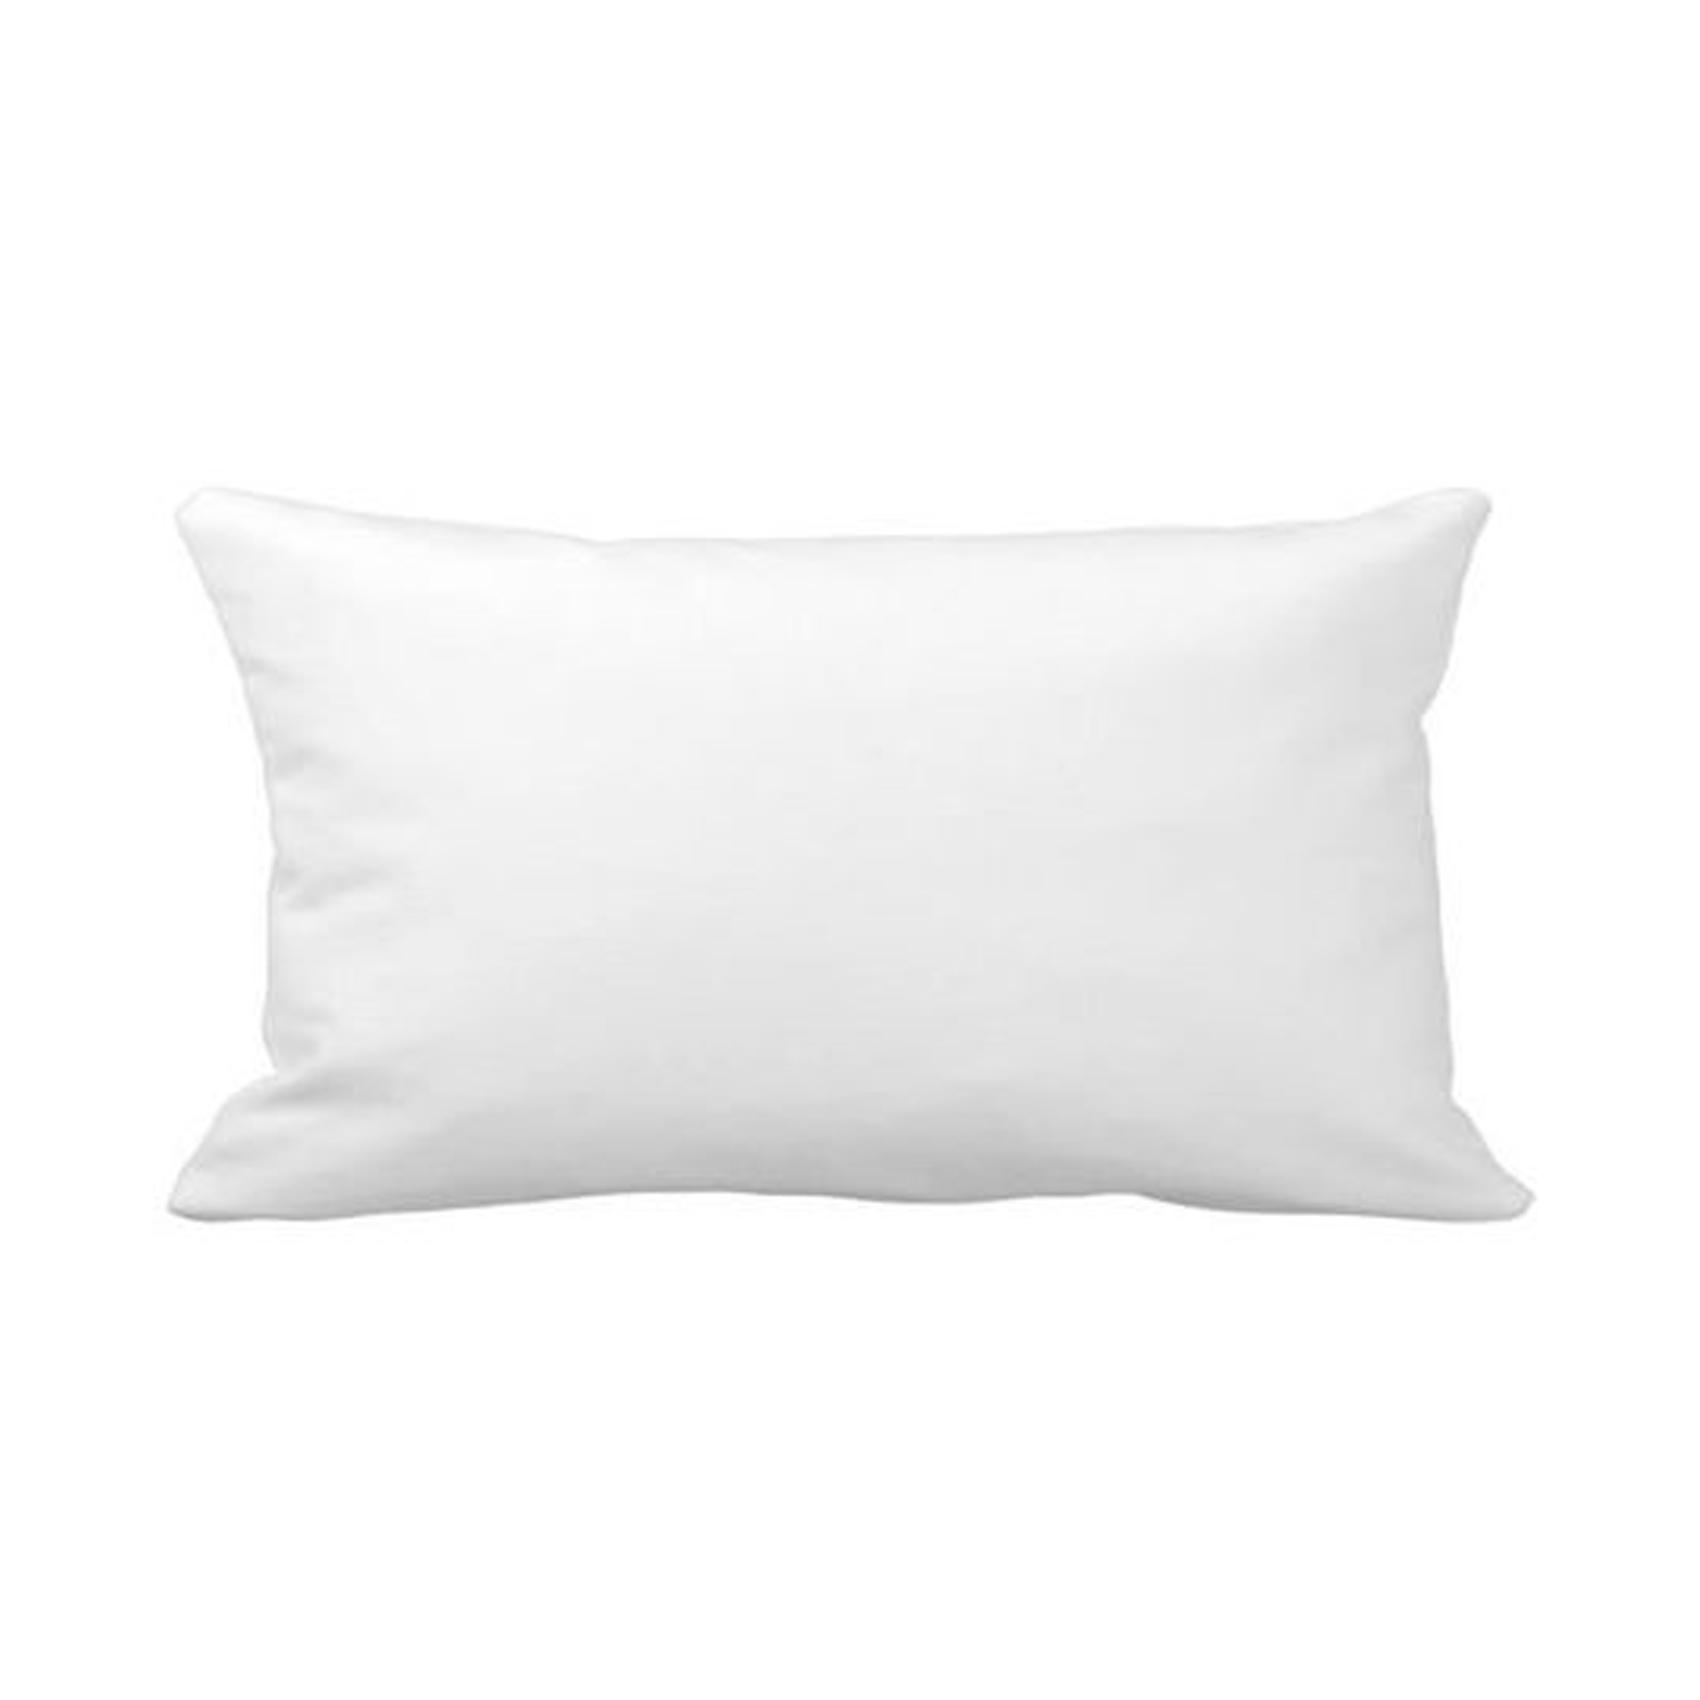 Coussin de garnissage en coloris blanc polyester blanc 50x30